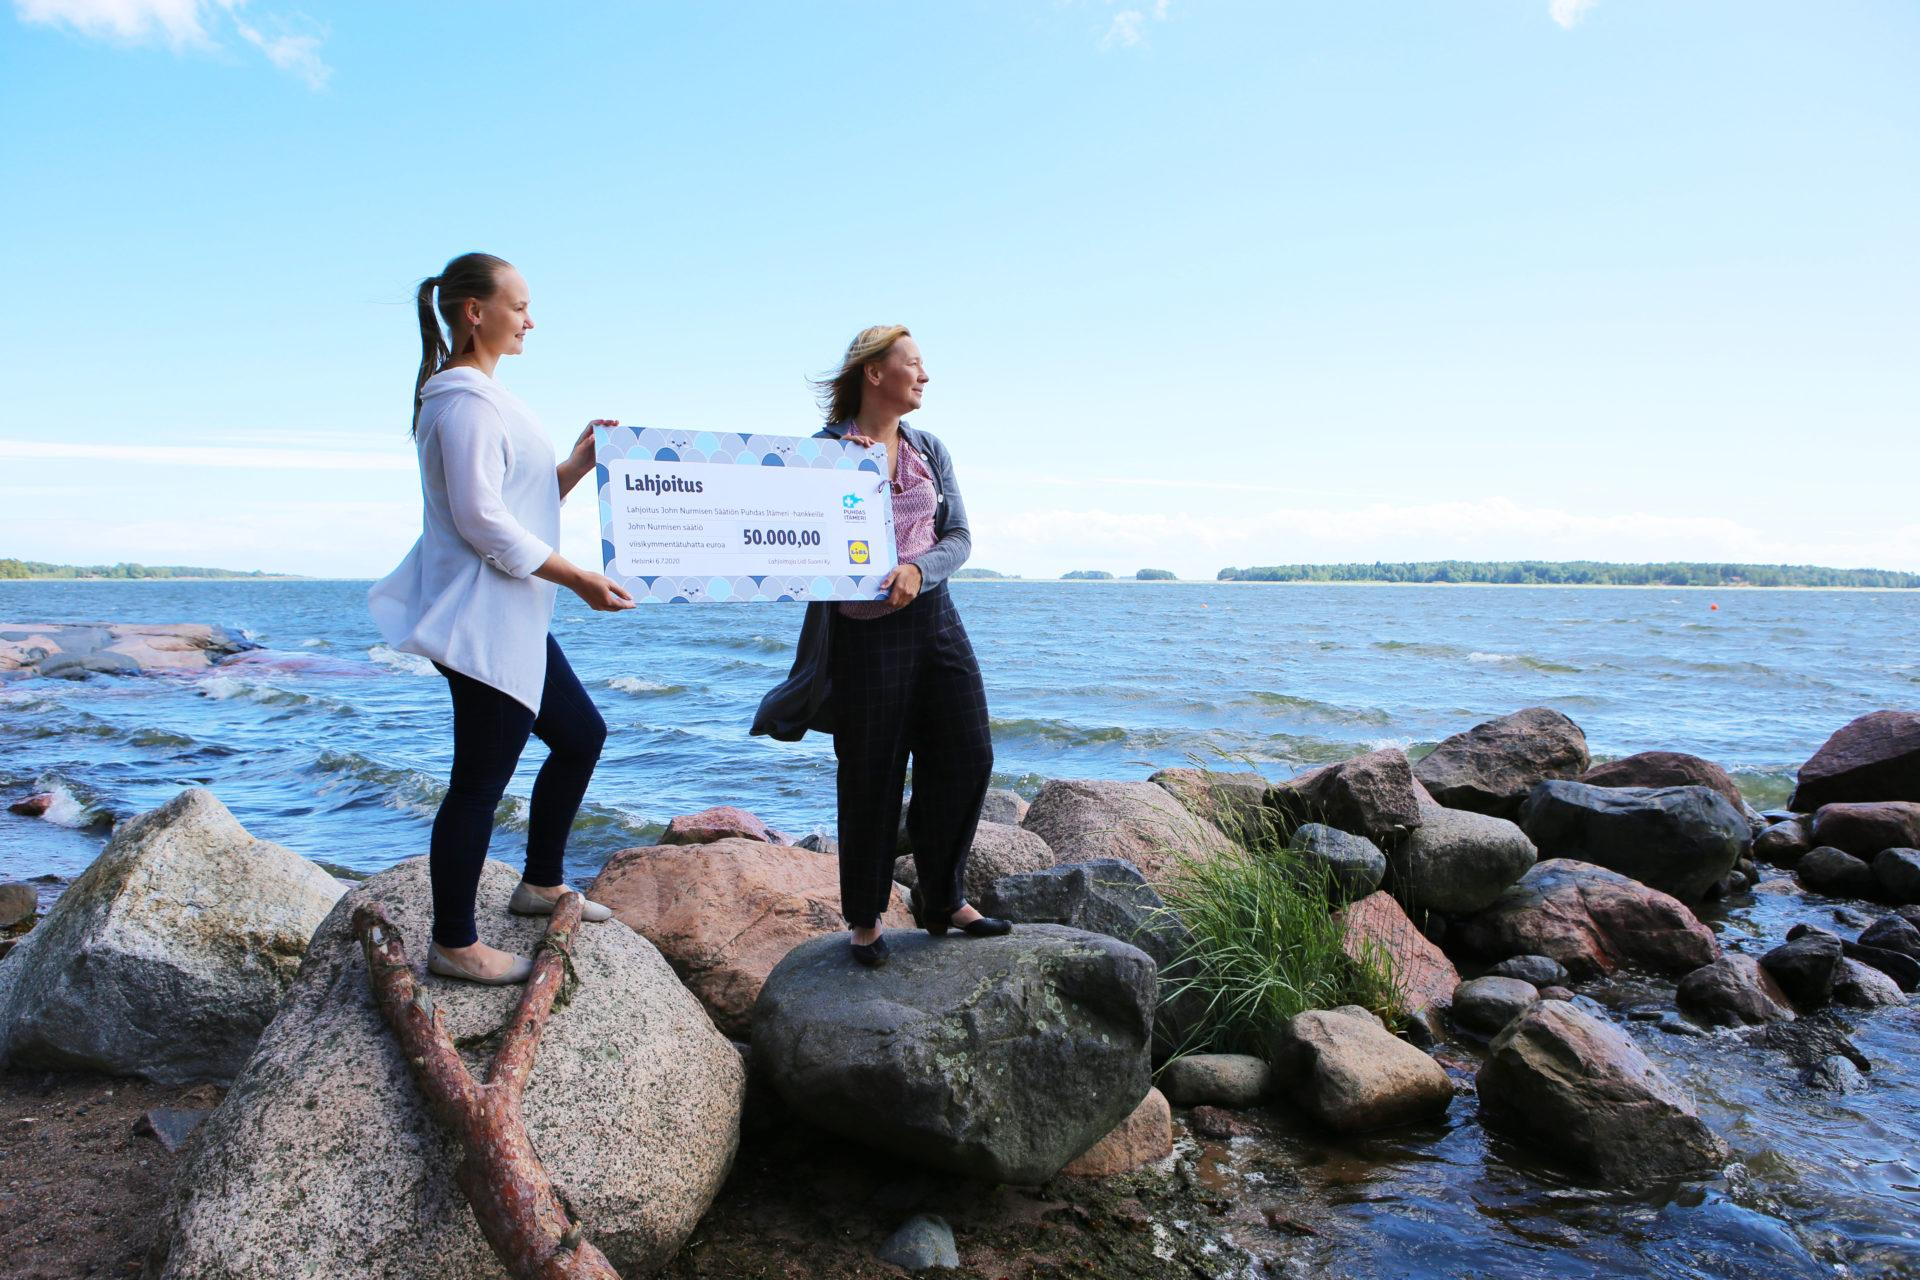 Lidliltä 50 000 euron lahjoitus Itämeren suojeluun